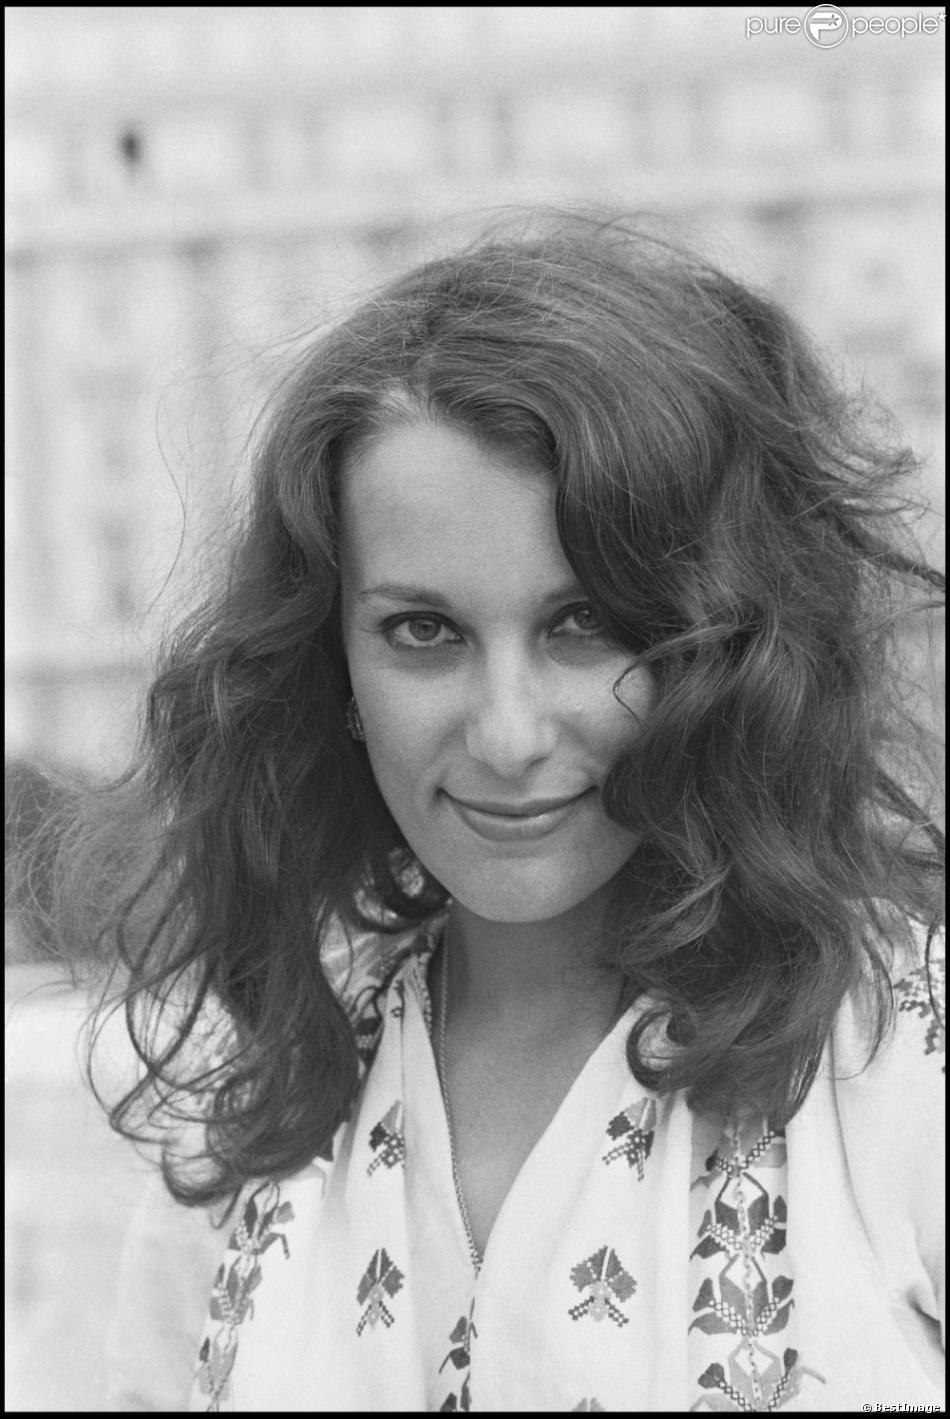 Bernadette Lafont au Festival de Cannes en 1973 pour défendre La Maman et la putain